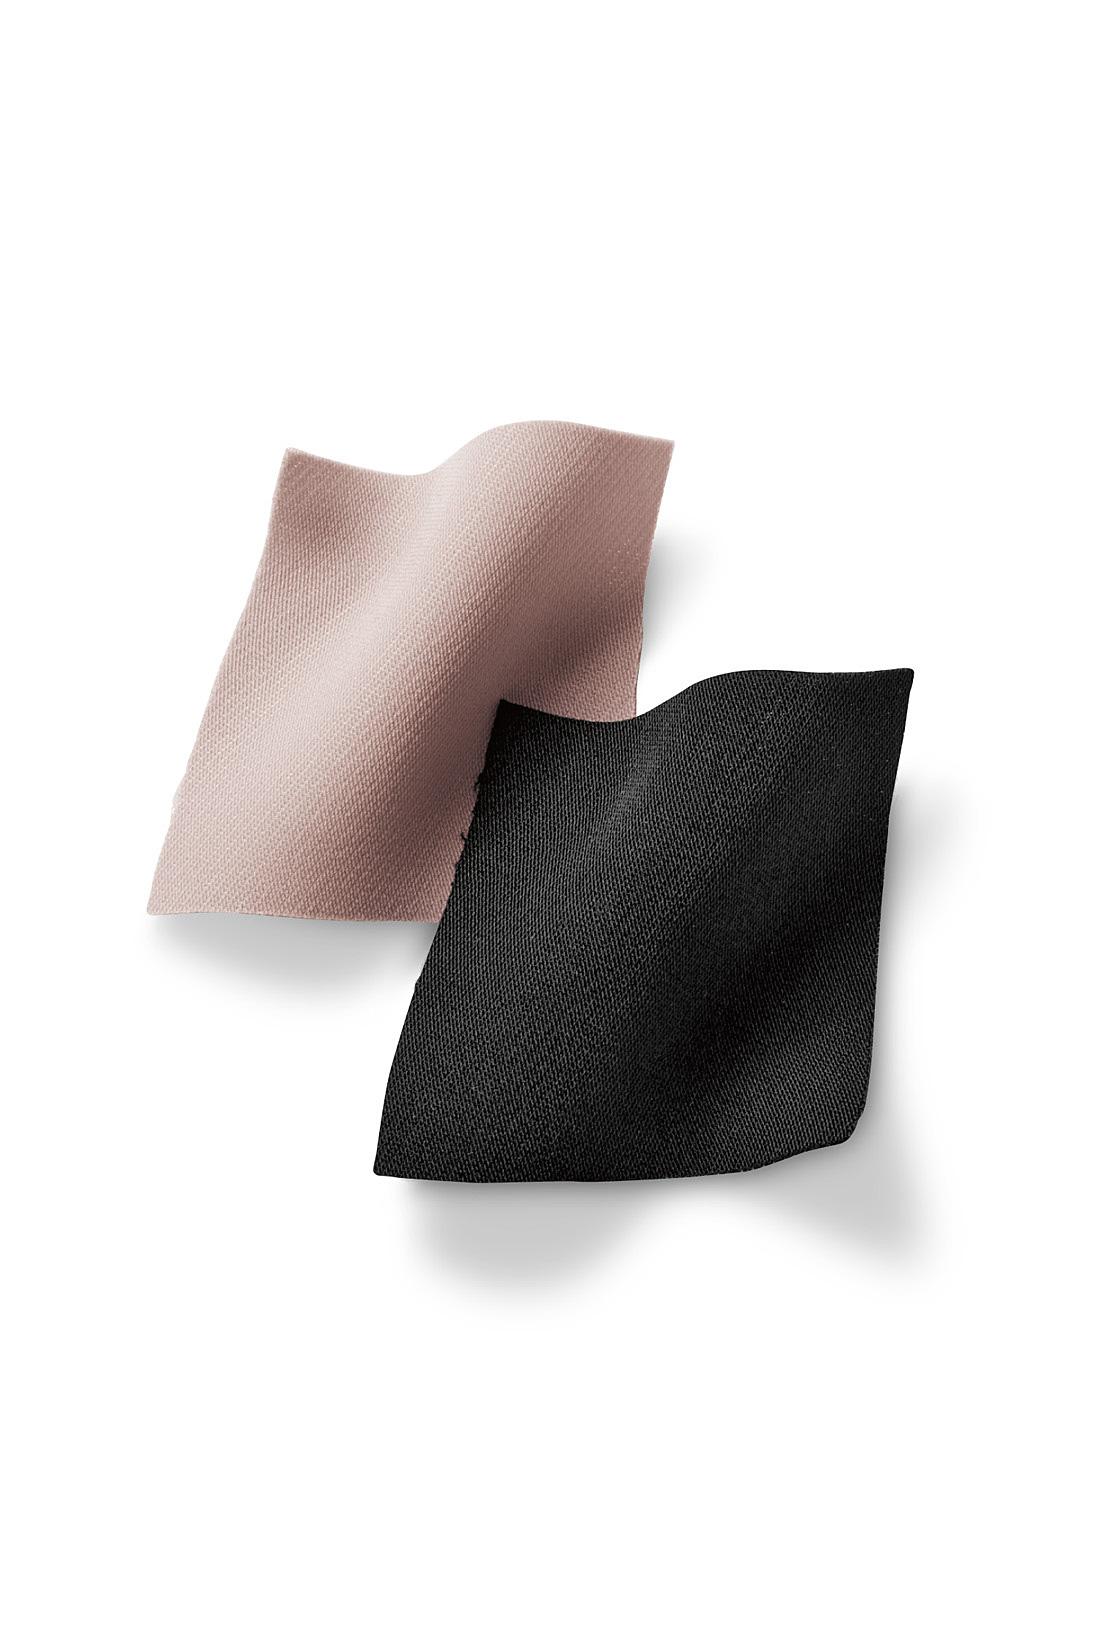 とろみのある厚手の布はく素材を使用、美しい落ち感を保ちながら上質素材のしなやかさが楽しめます。